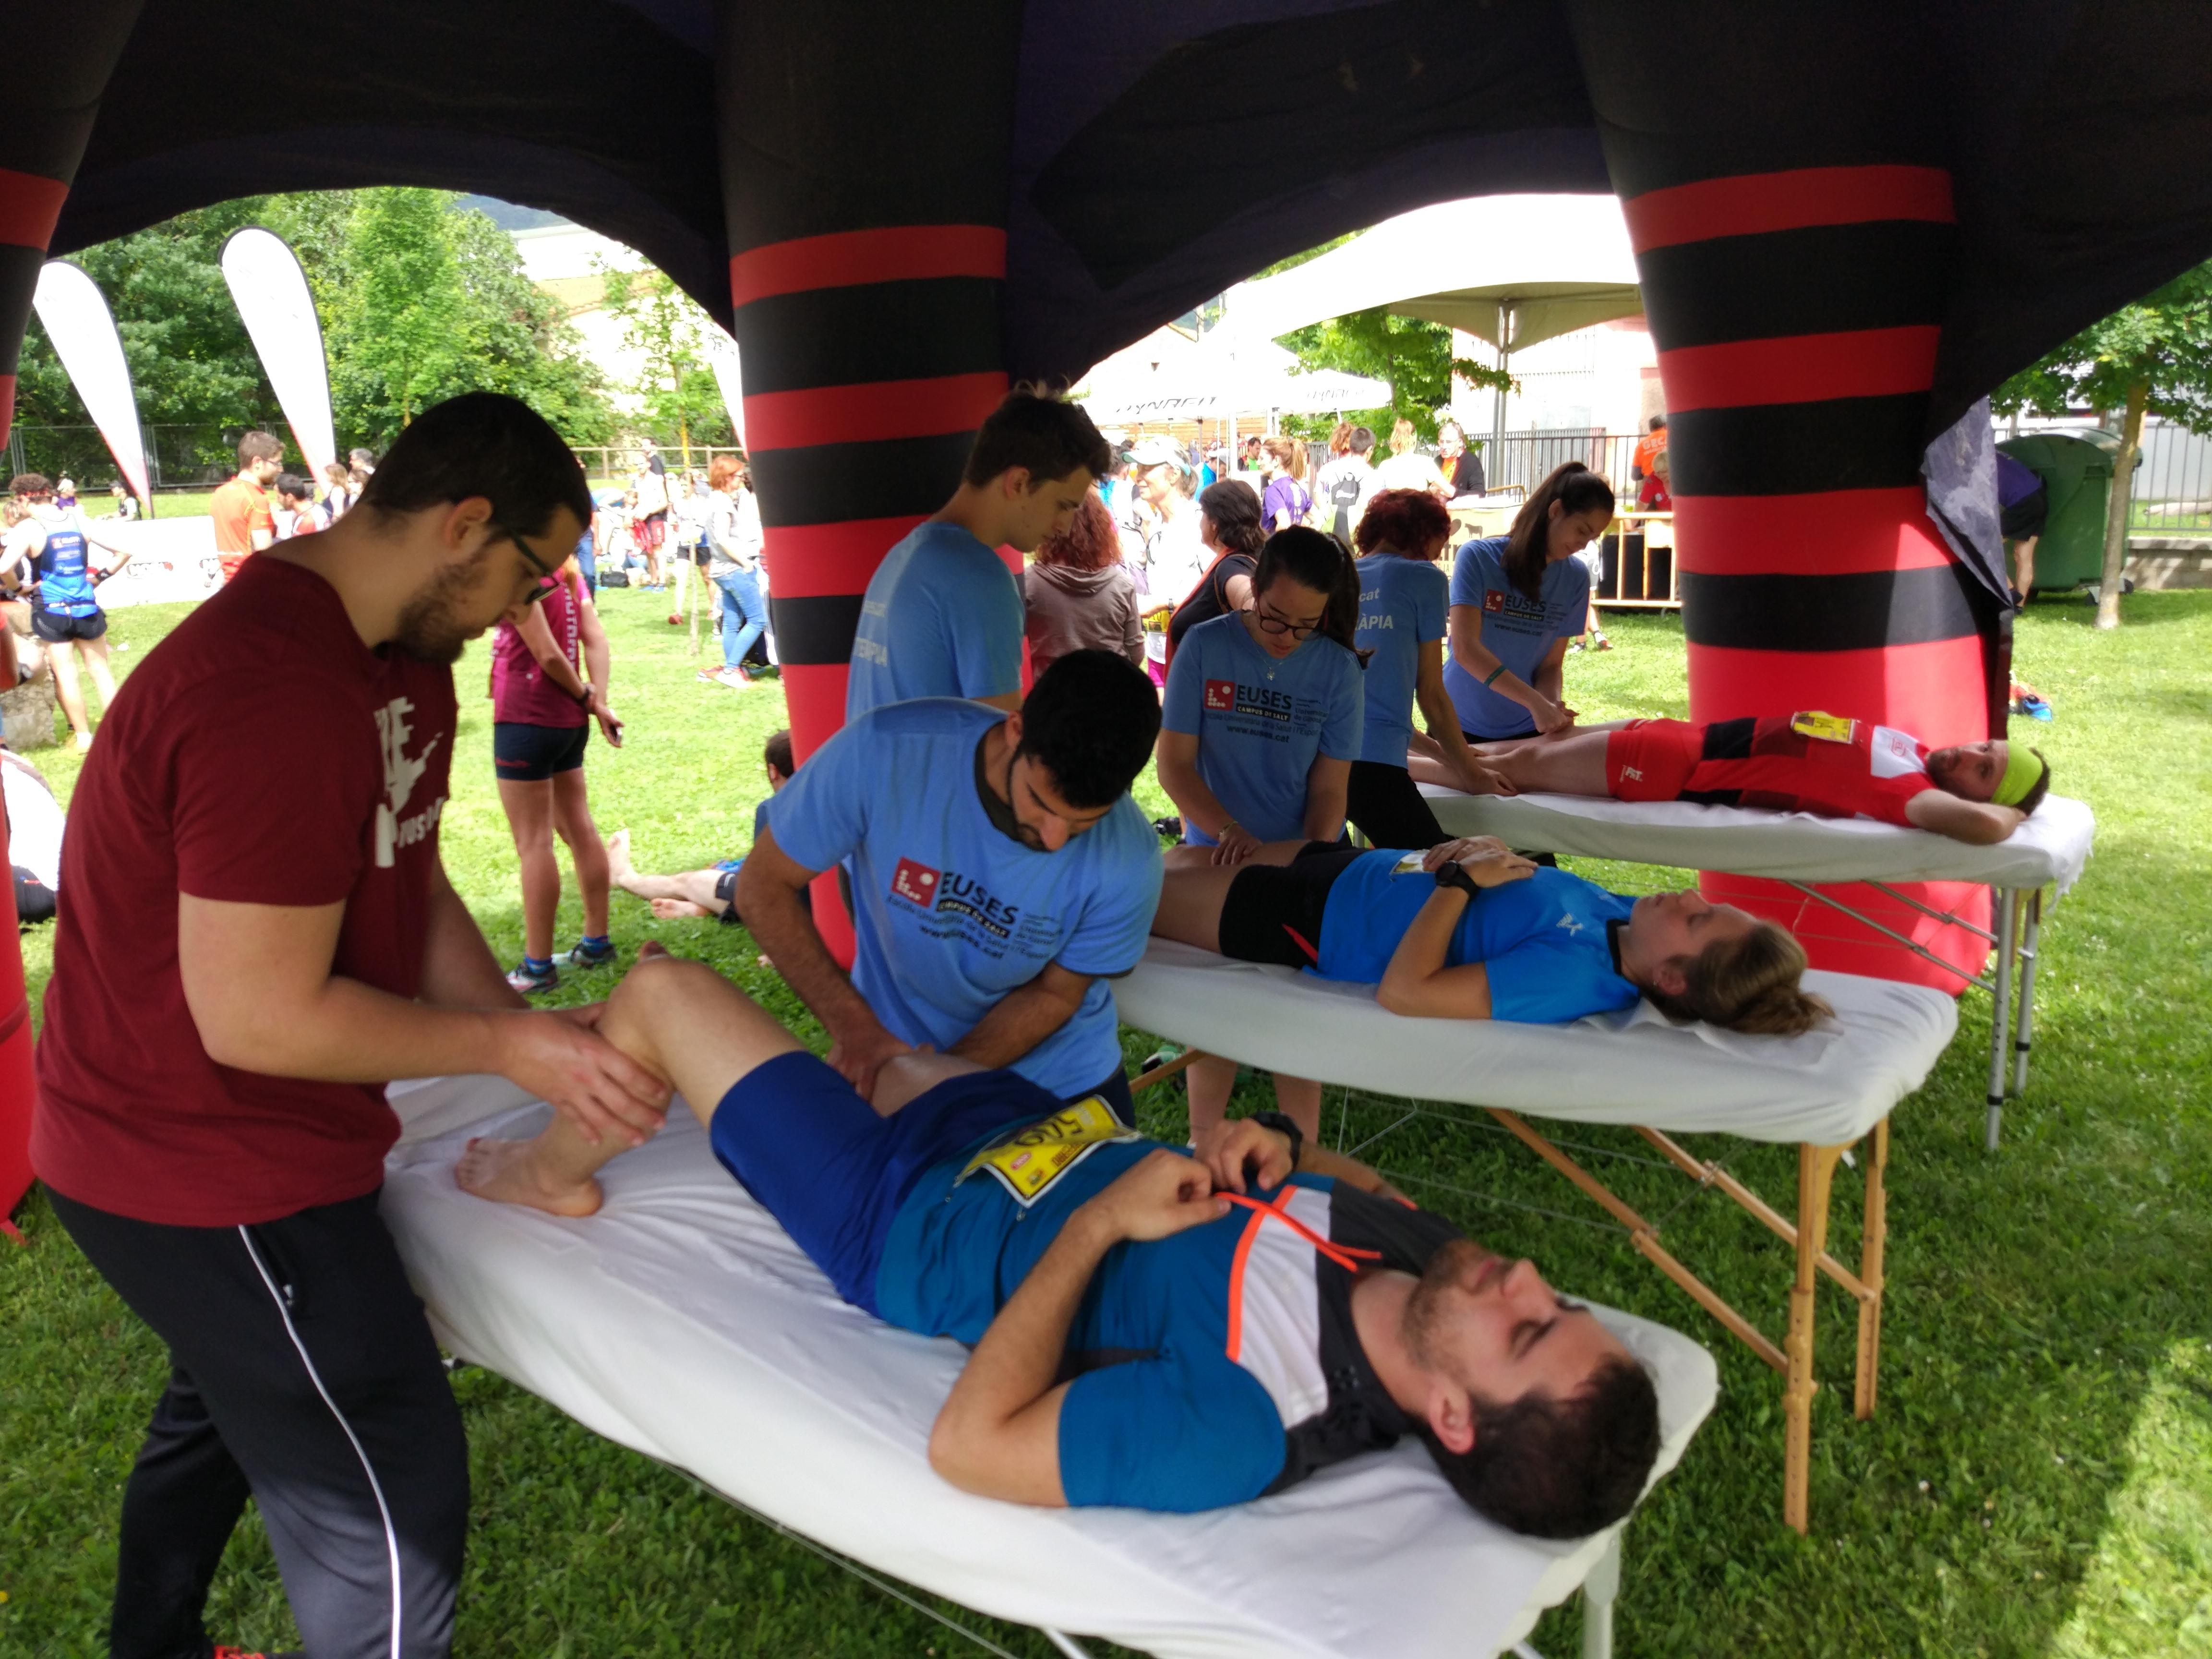 L'Escola Universitària de la Salut i l'Esport col·labora en una nova edició de la cursa de muntanya Cames de Ferro, al Puigsacalm